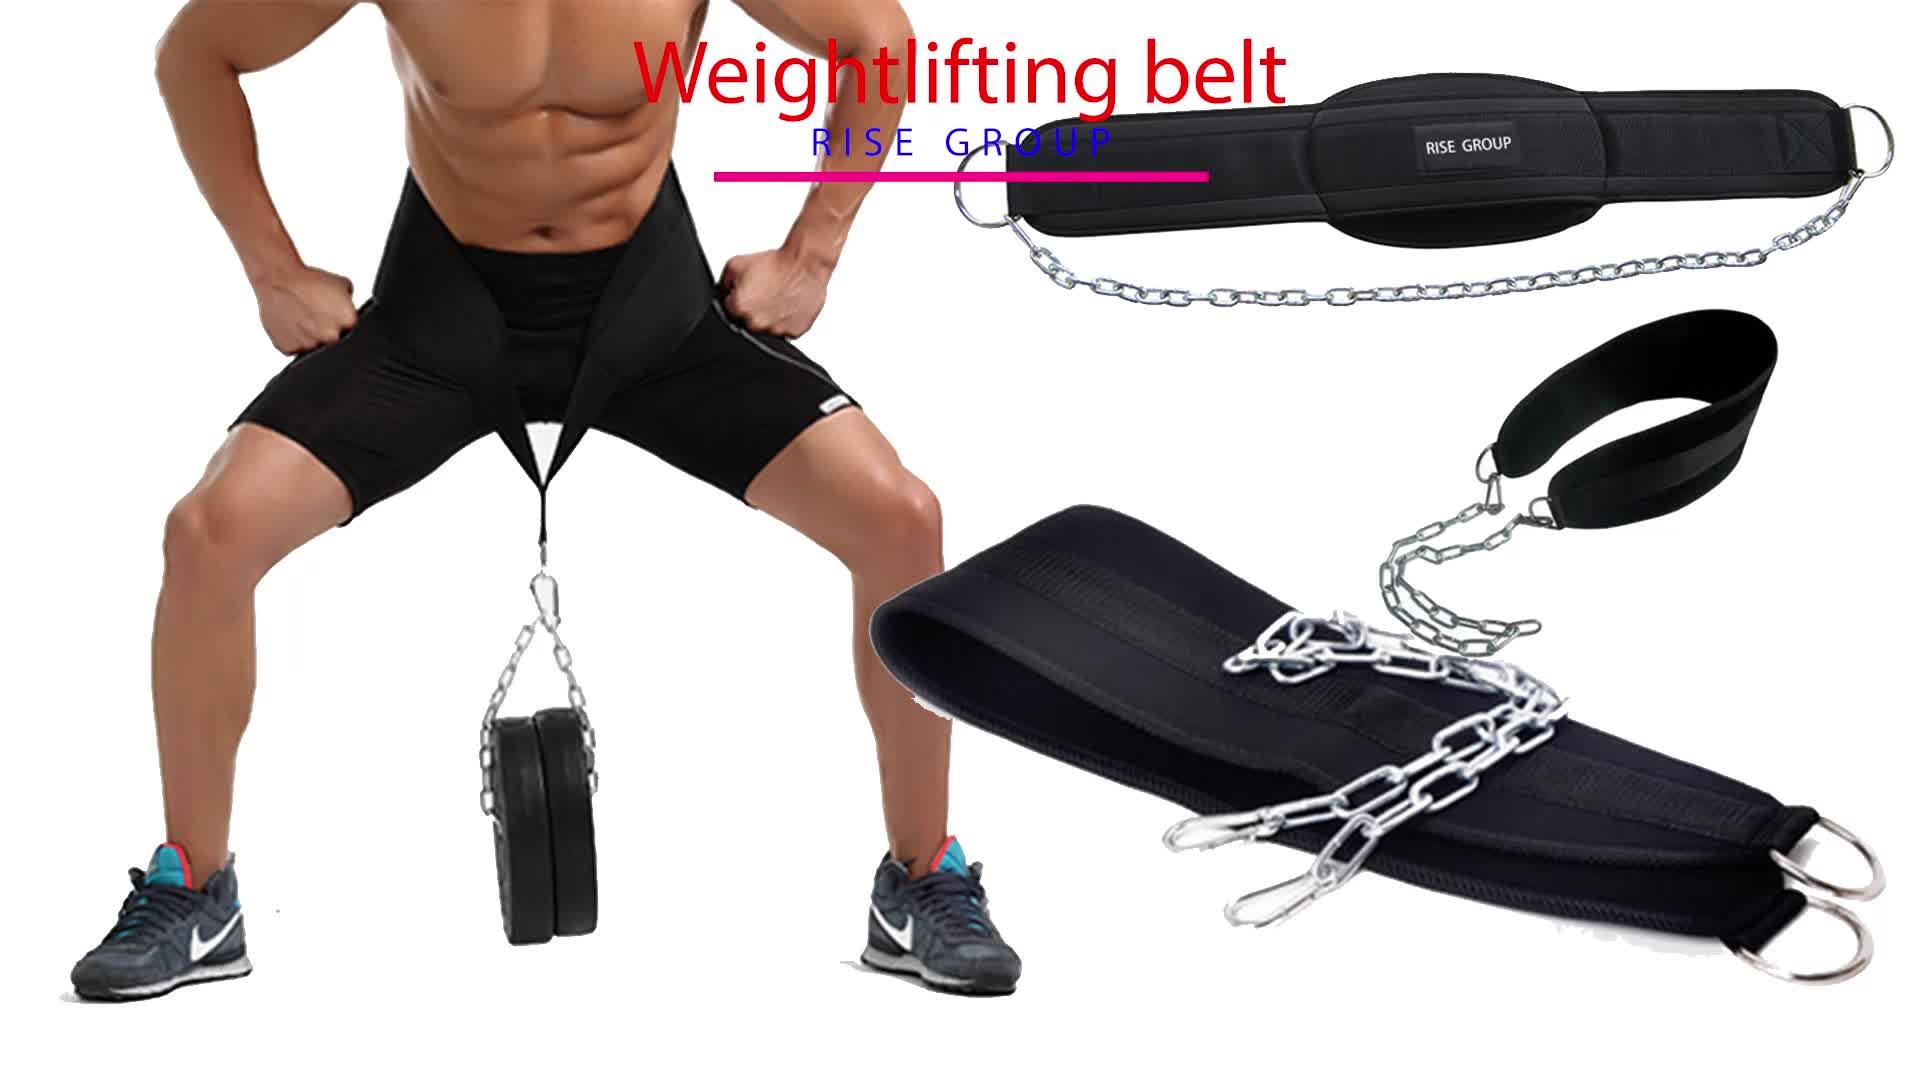 Custom Pull-Up Riem Gewogen Dip Riem met Ketting Dubbele D-ring Gewichtheffen Rugondersteuning Strap Home Gym Apparatuur Taille riem